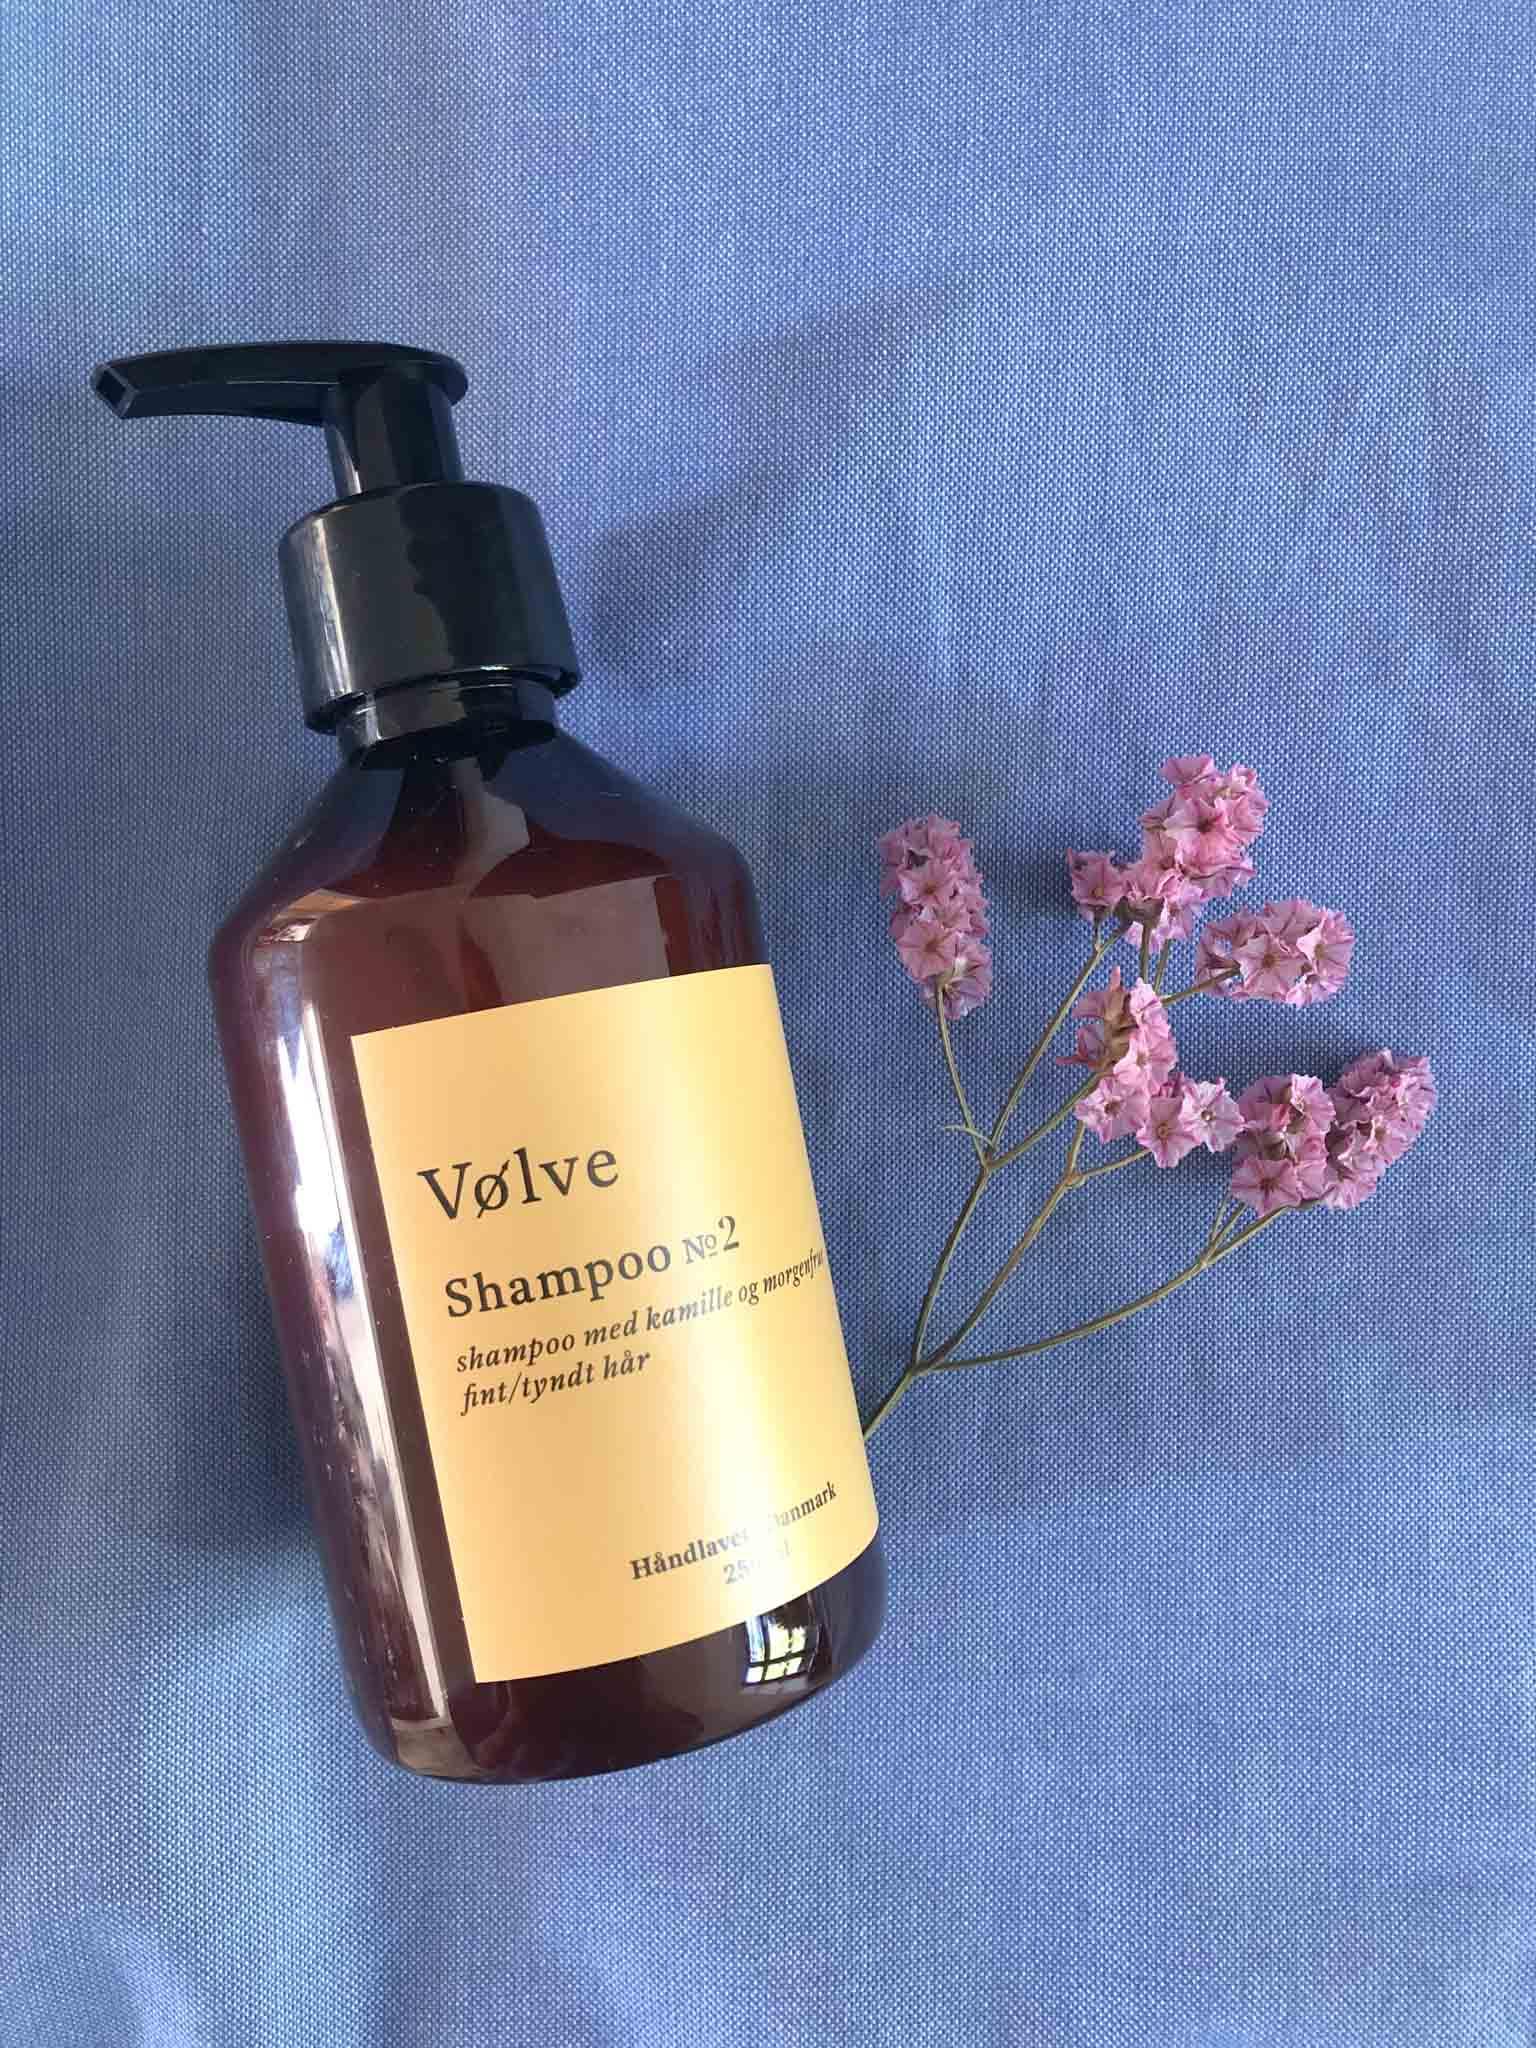 Shampoo No.2 med kamille og morgenfrue